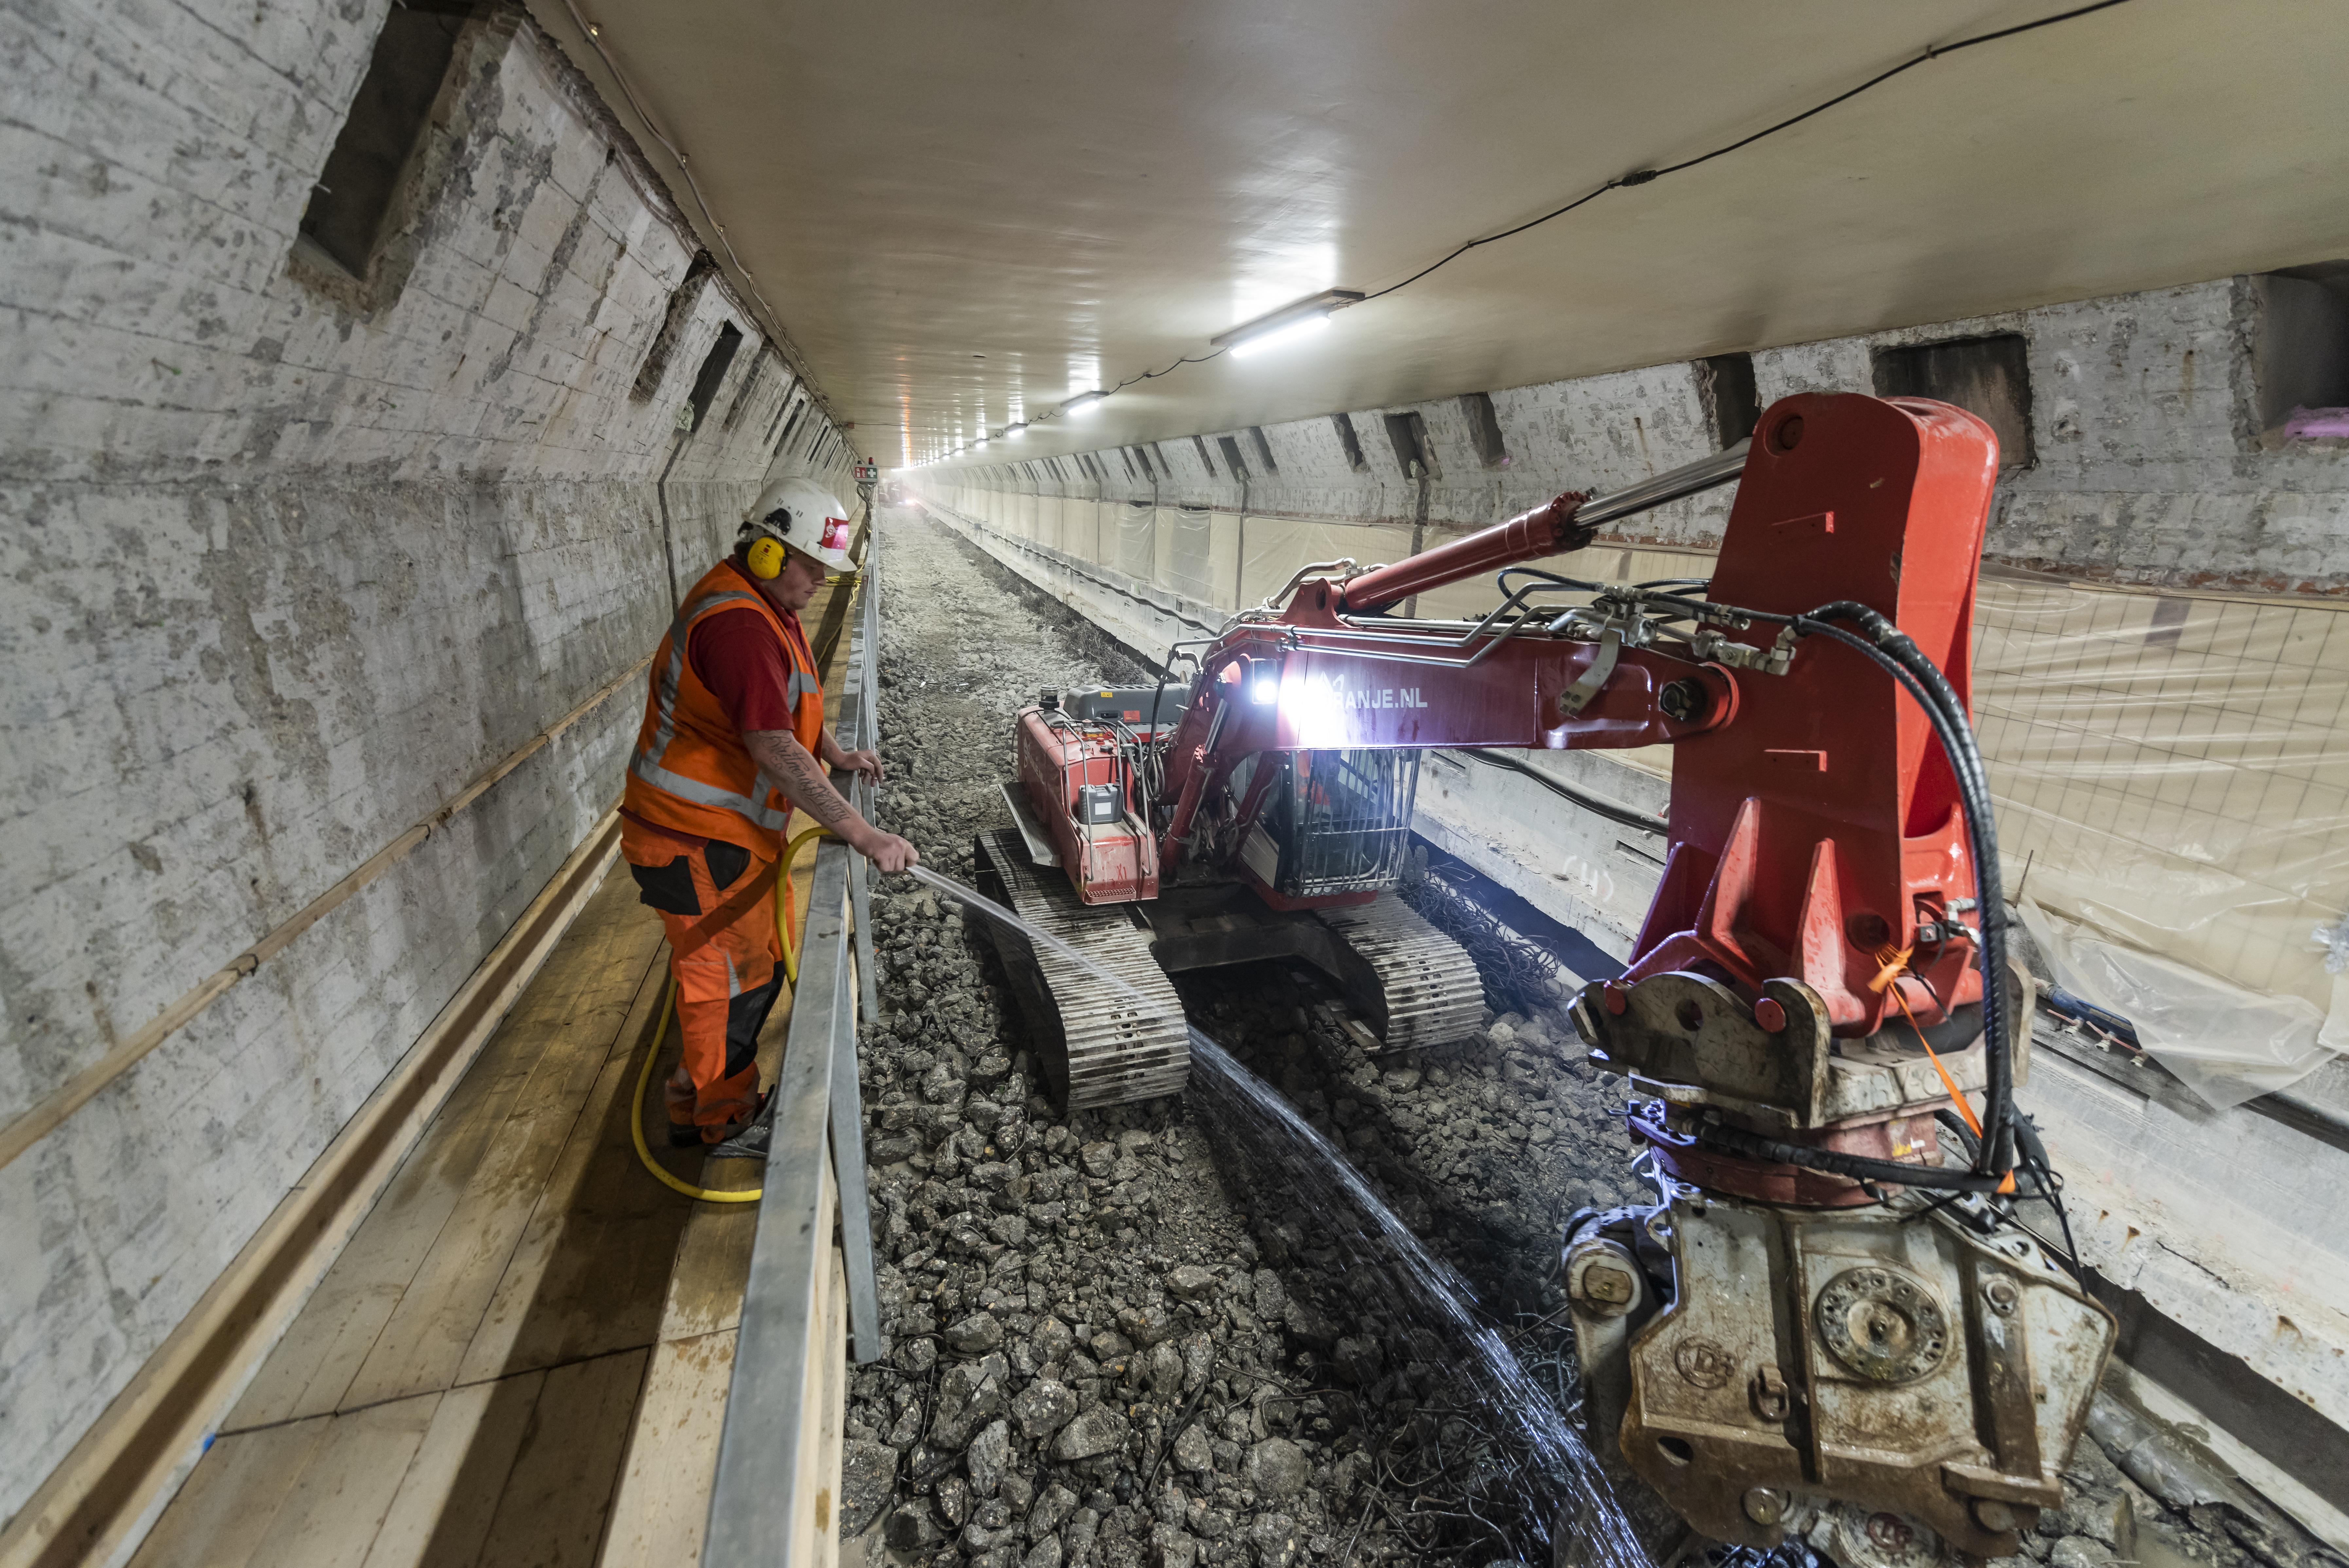 <p>Rigter Handelsonderneming bouwde voor twee Liebherr machines van Oranje een lepelsteel van één meter. Een korte lepelsteel was nodig in verband met de beperkte hoogte in de Maastunnel.</p>